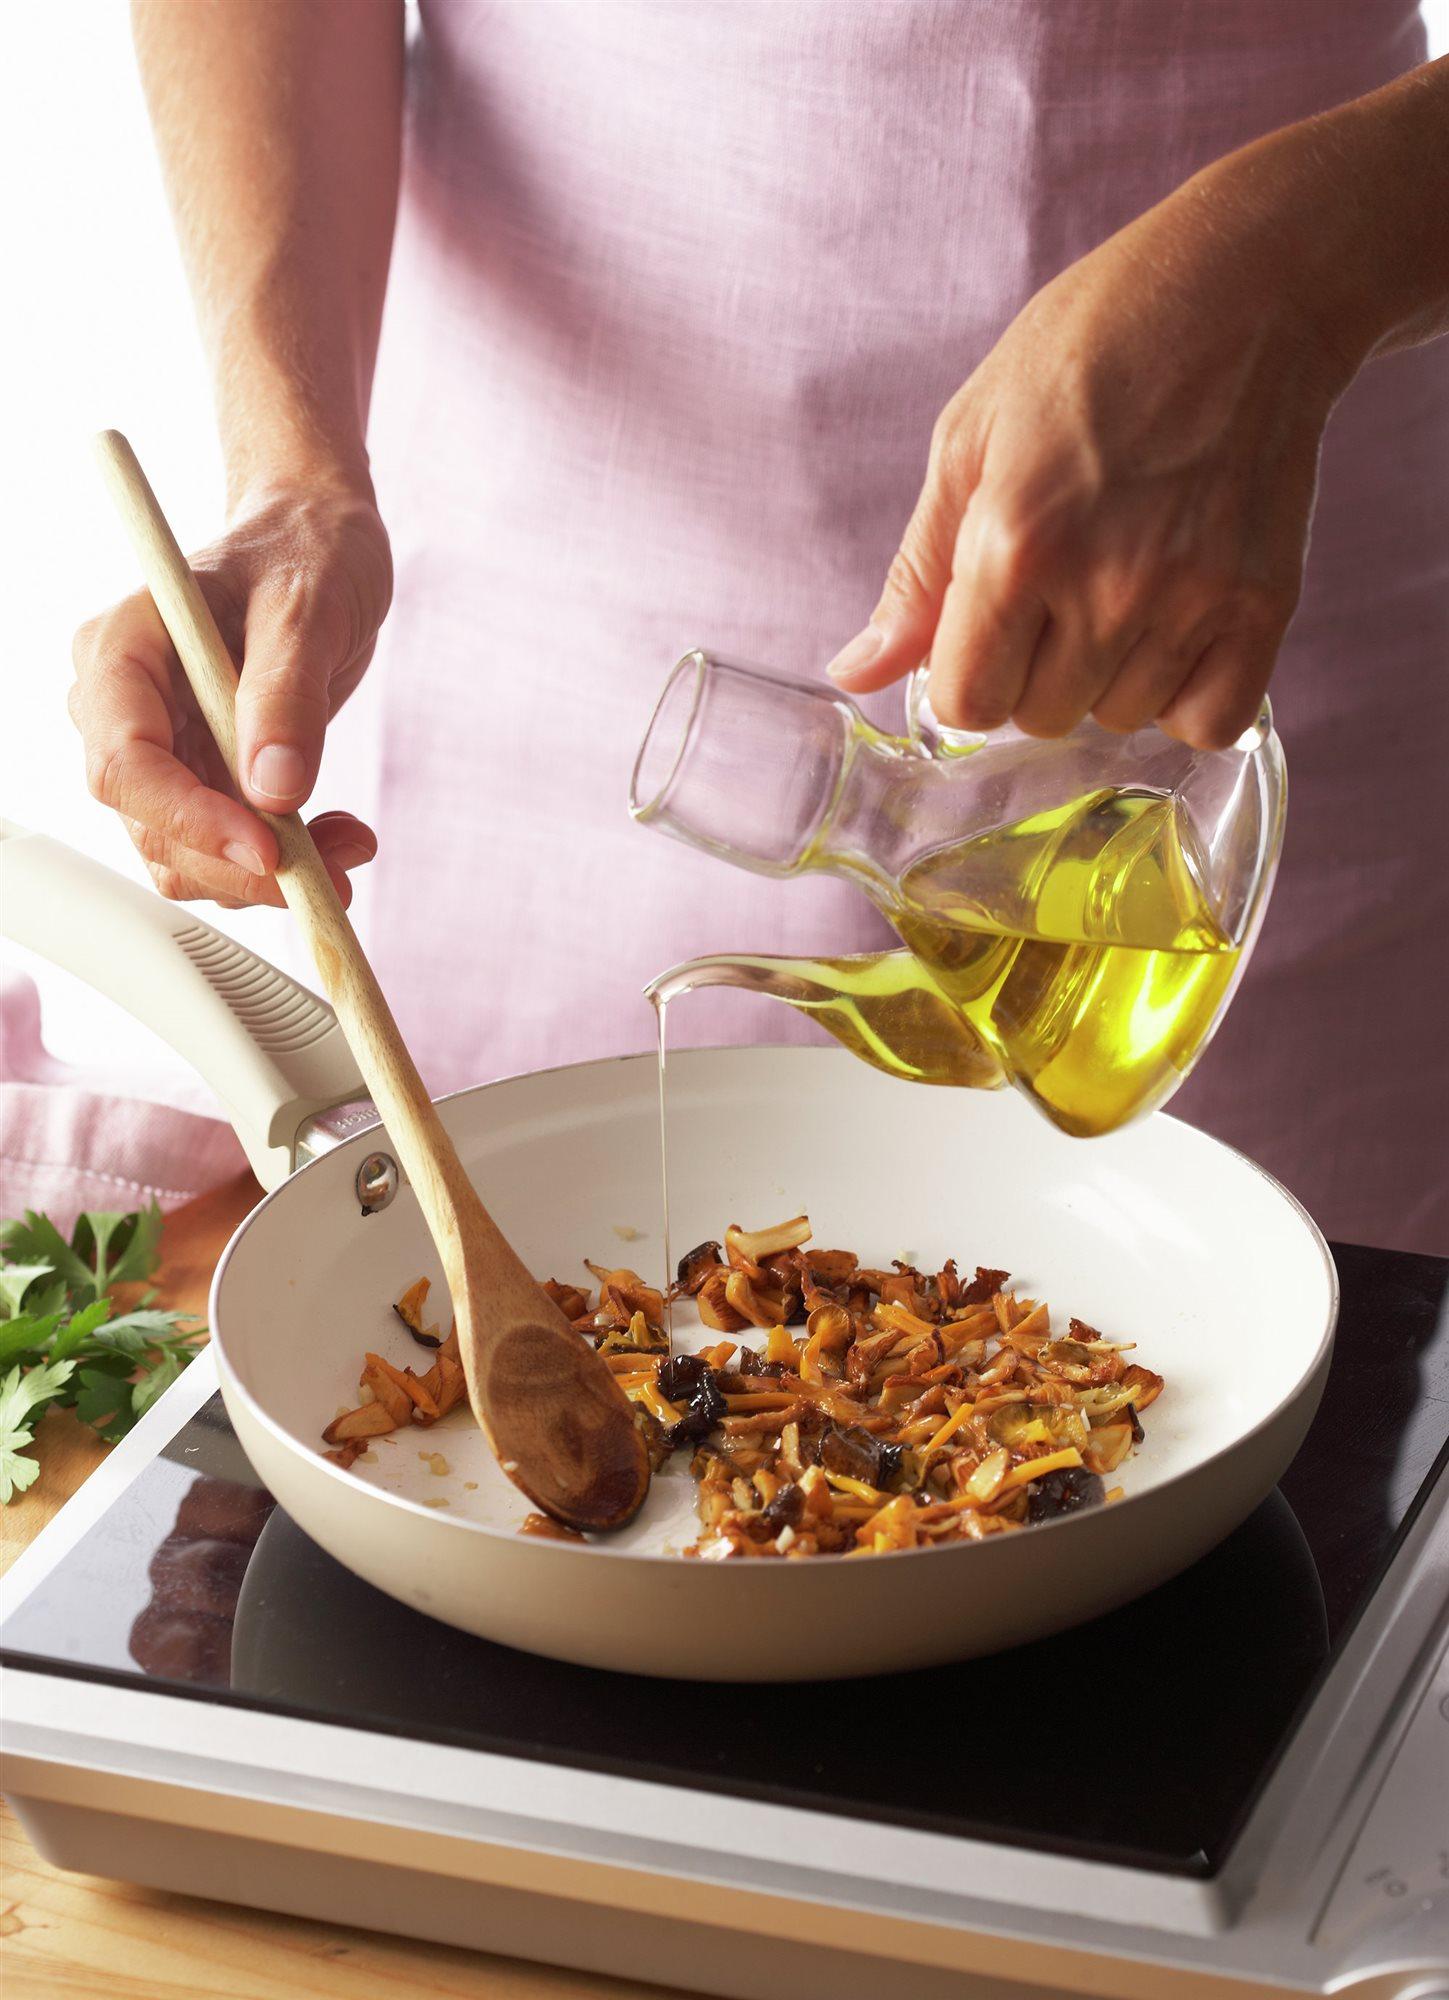 как запечь свинину в тесте в духовке рецепт с фото